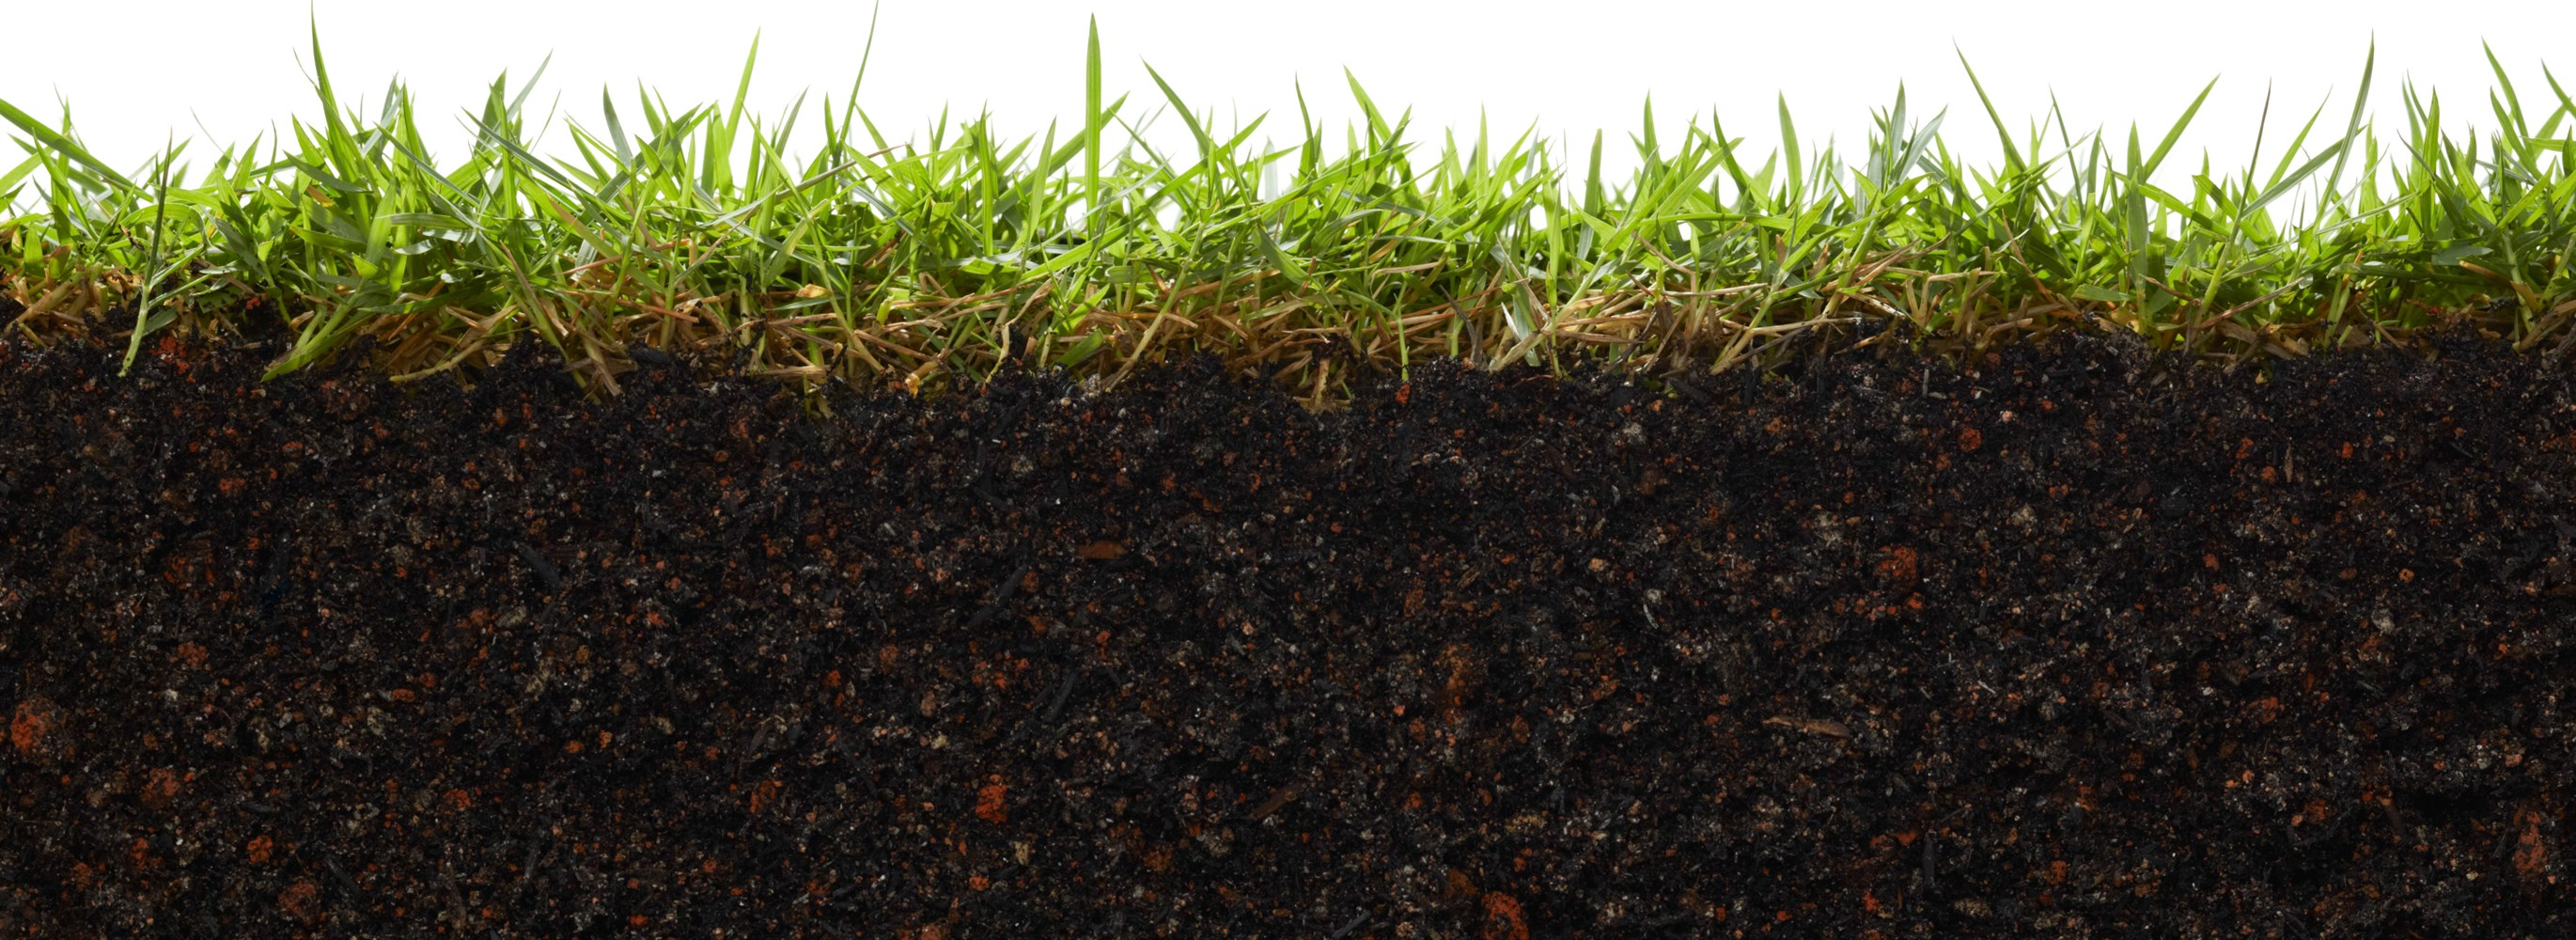 Understanding A Soil Testysis Report